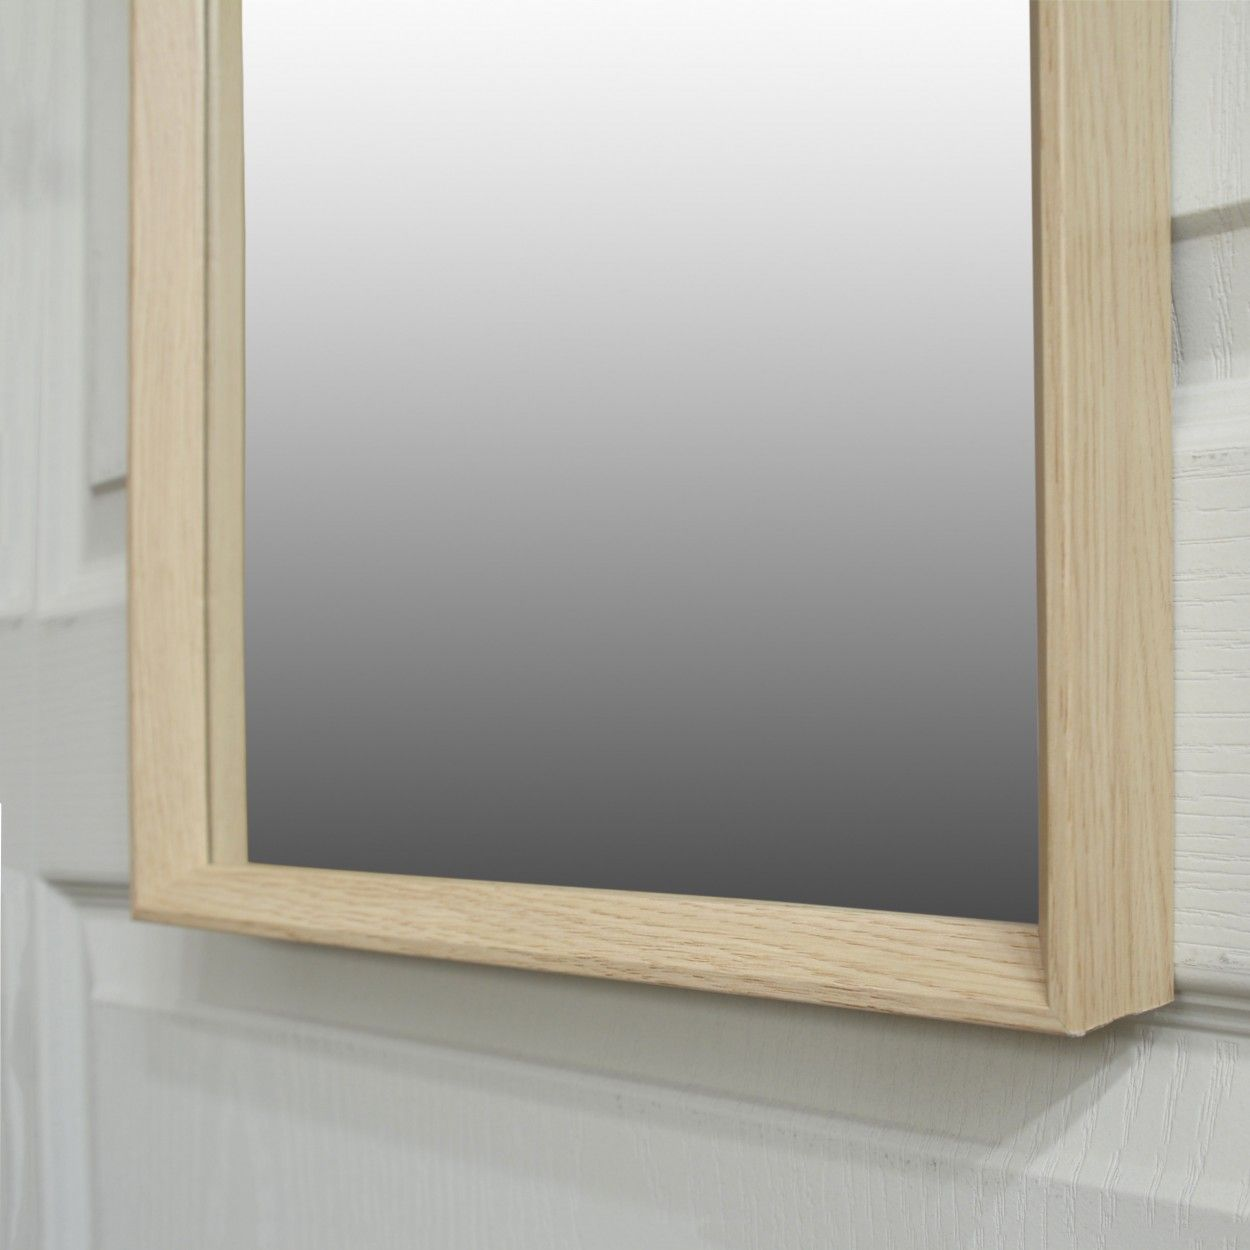 Espejo para puerta de dormitorio bassic hogar y m s for Puertas de madera para dormitorios